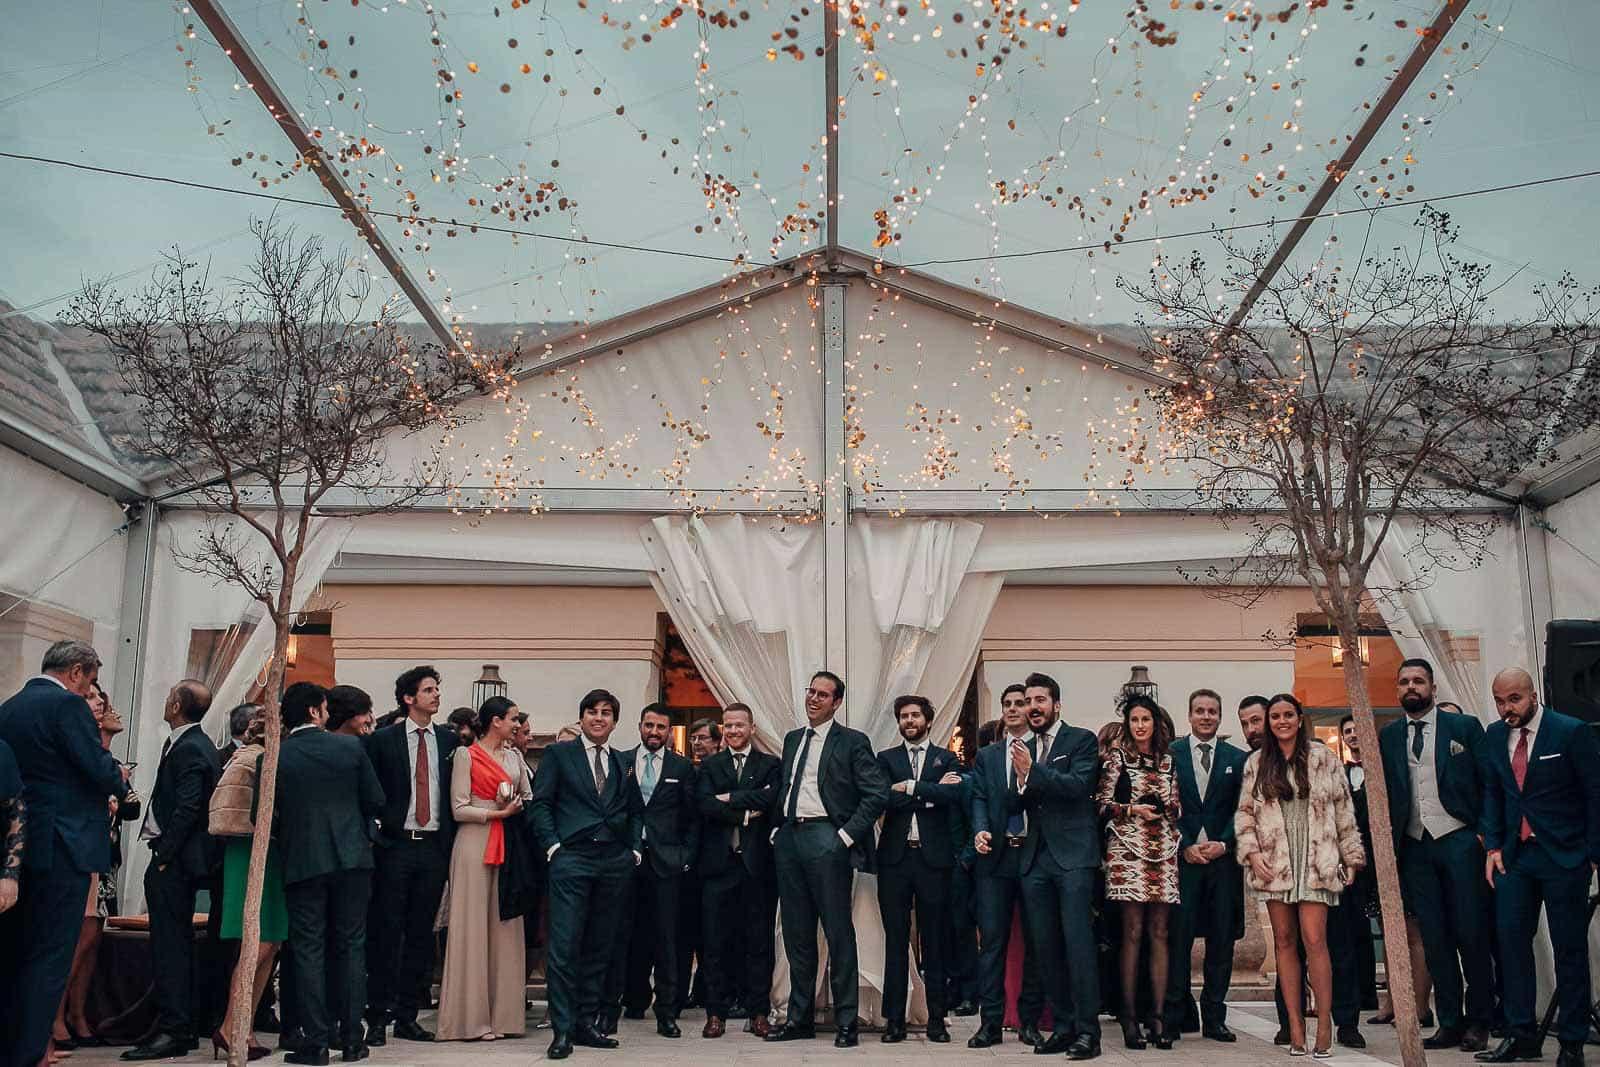 boda invitados decoracion ambiente